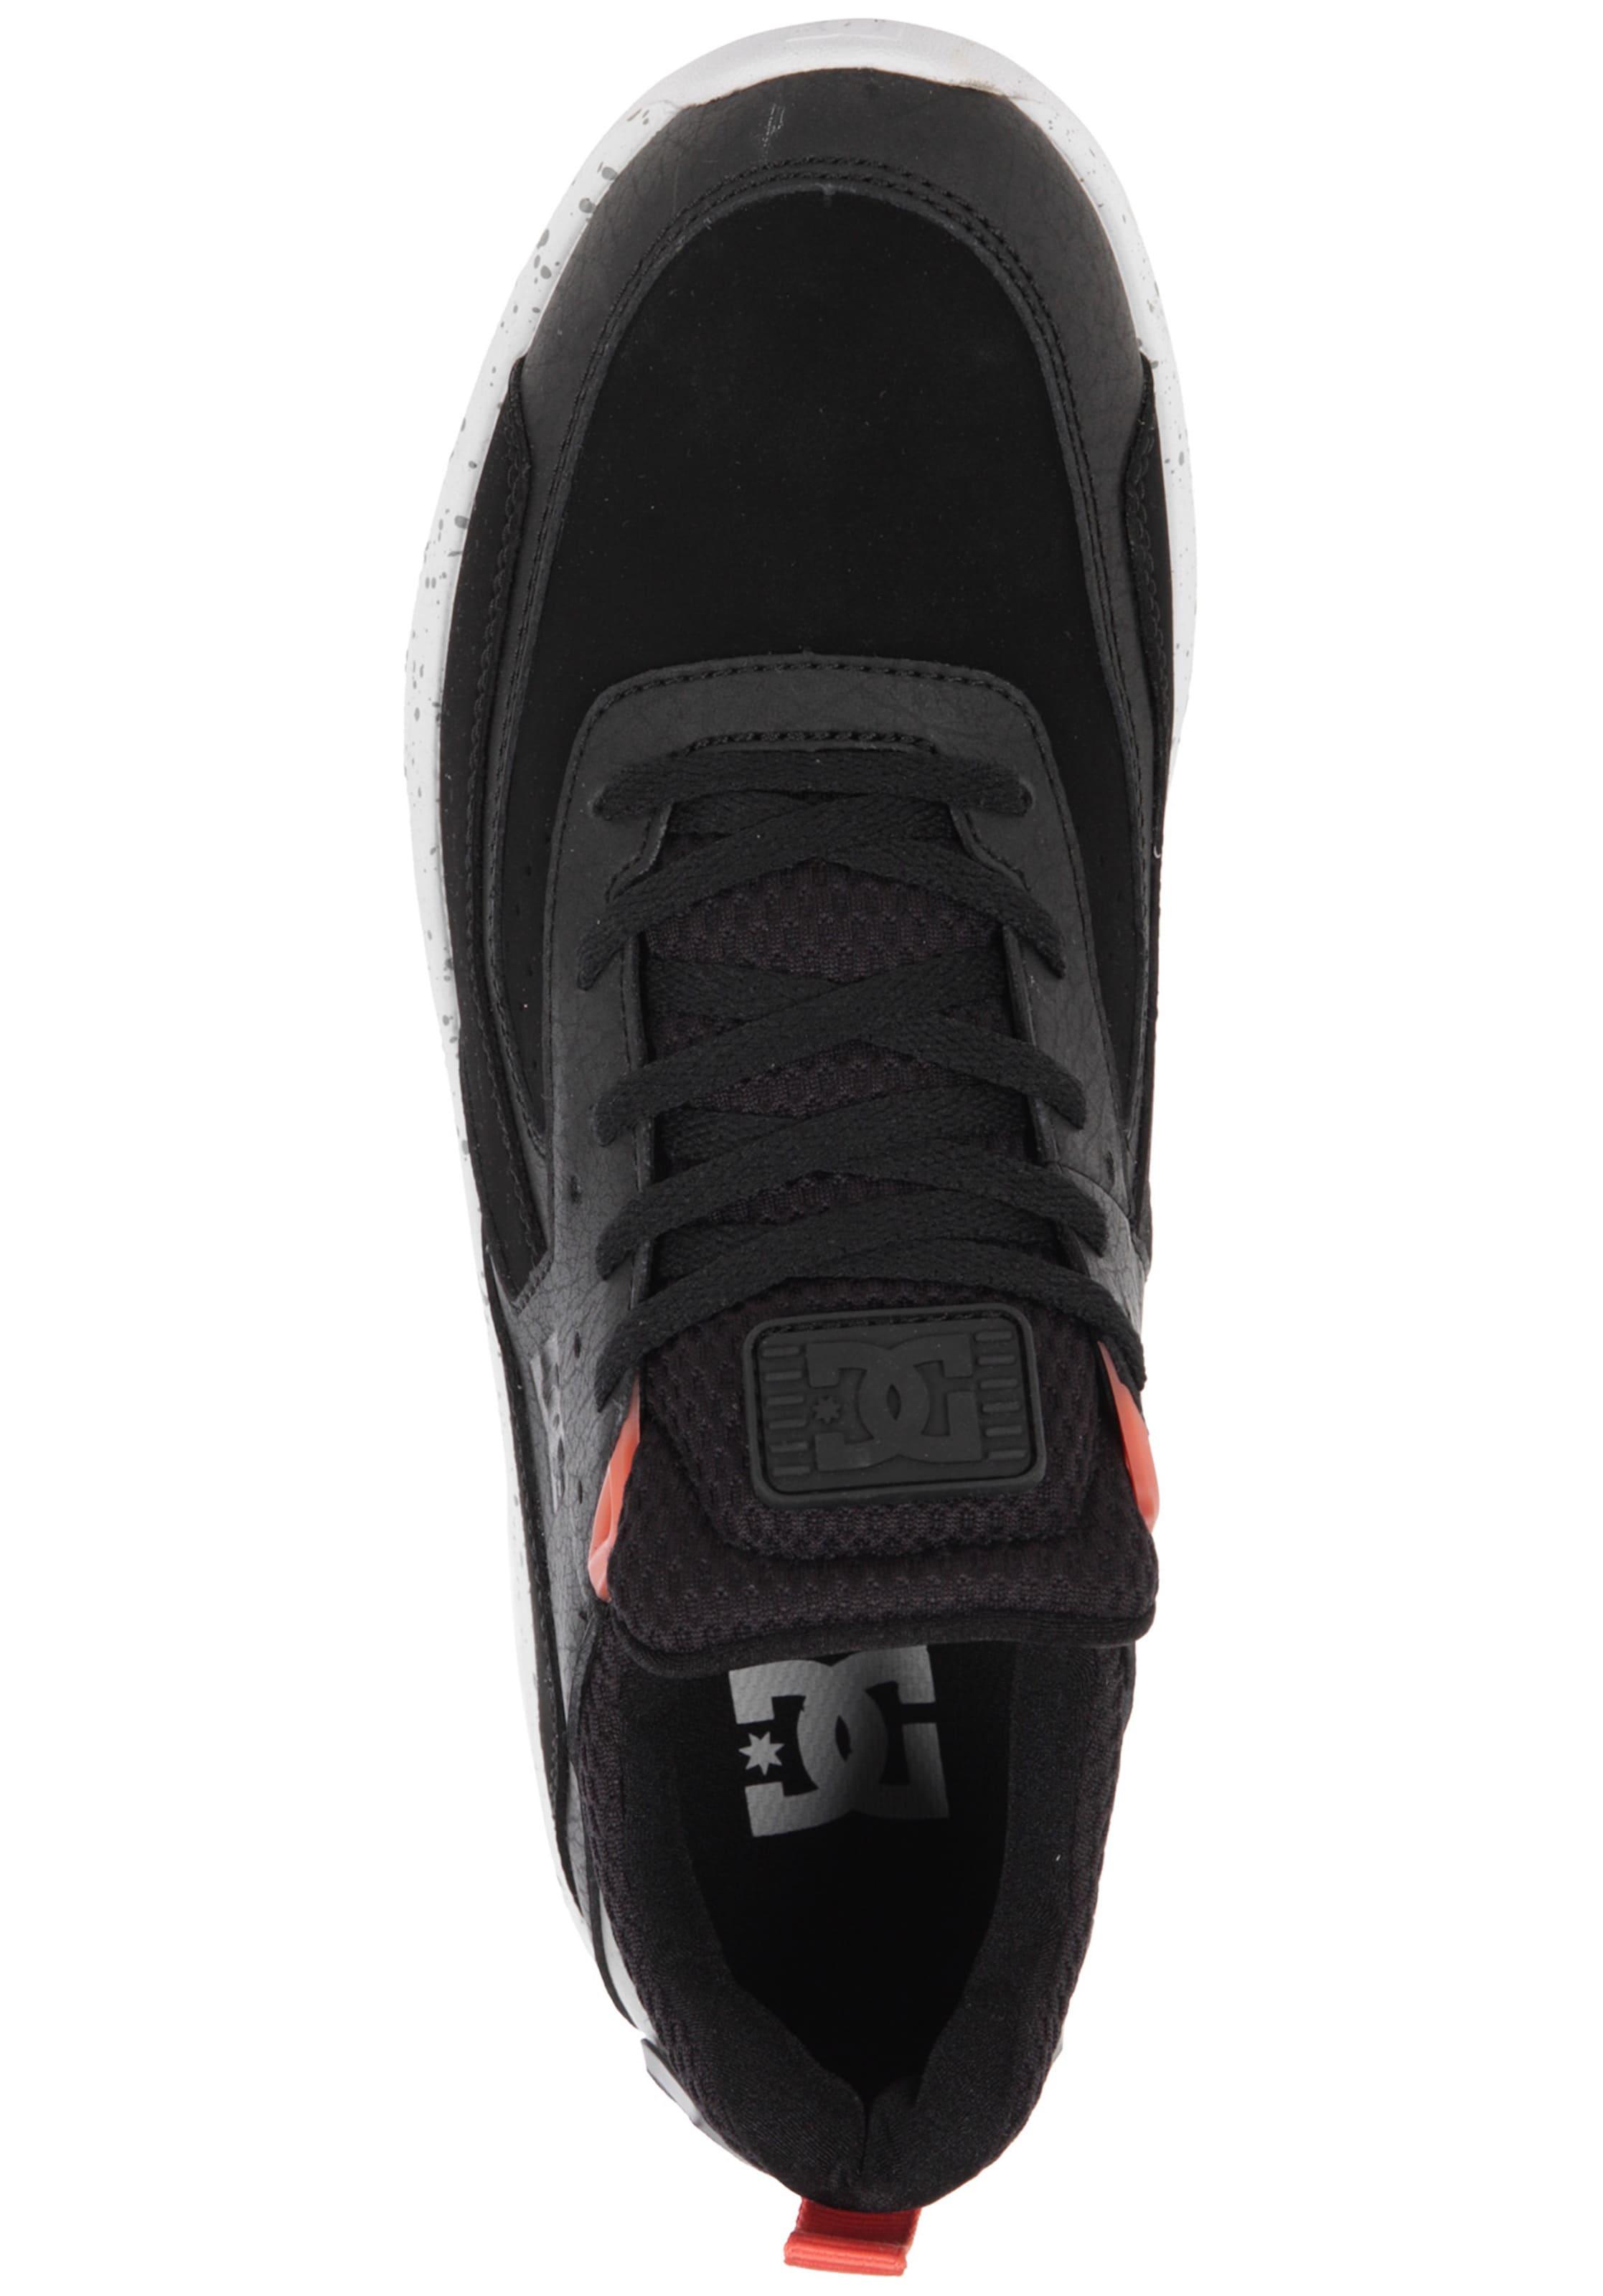 GrauLachs Sneaker 'vandium Shoes Se' Dc In Schwarz lJuF1KTc3